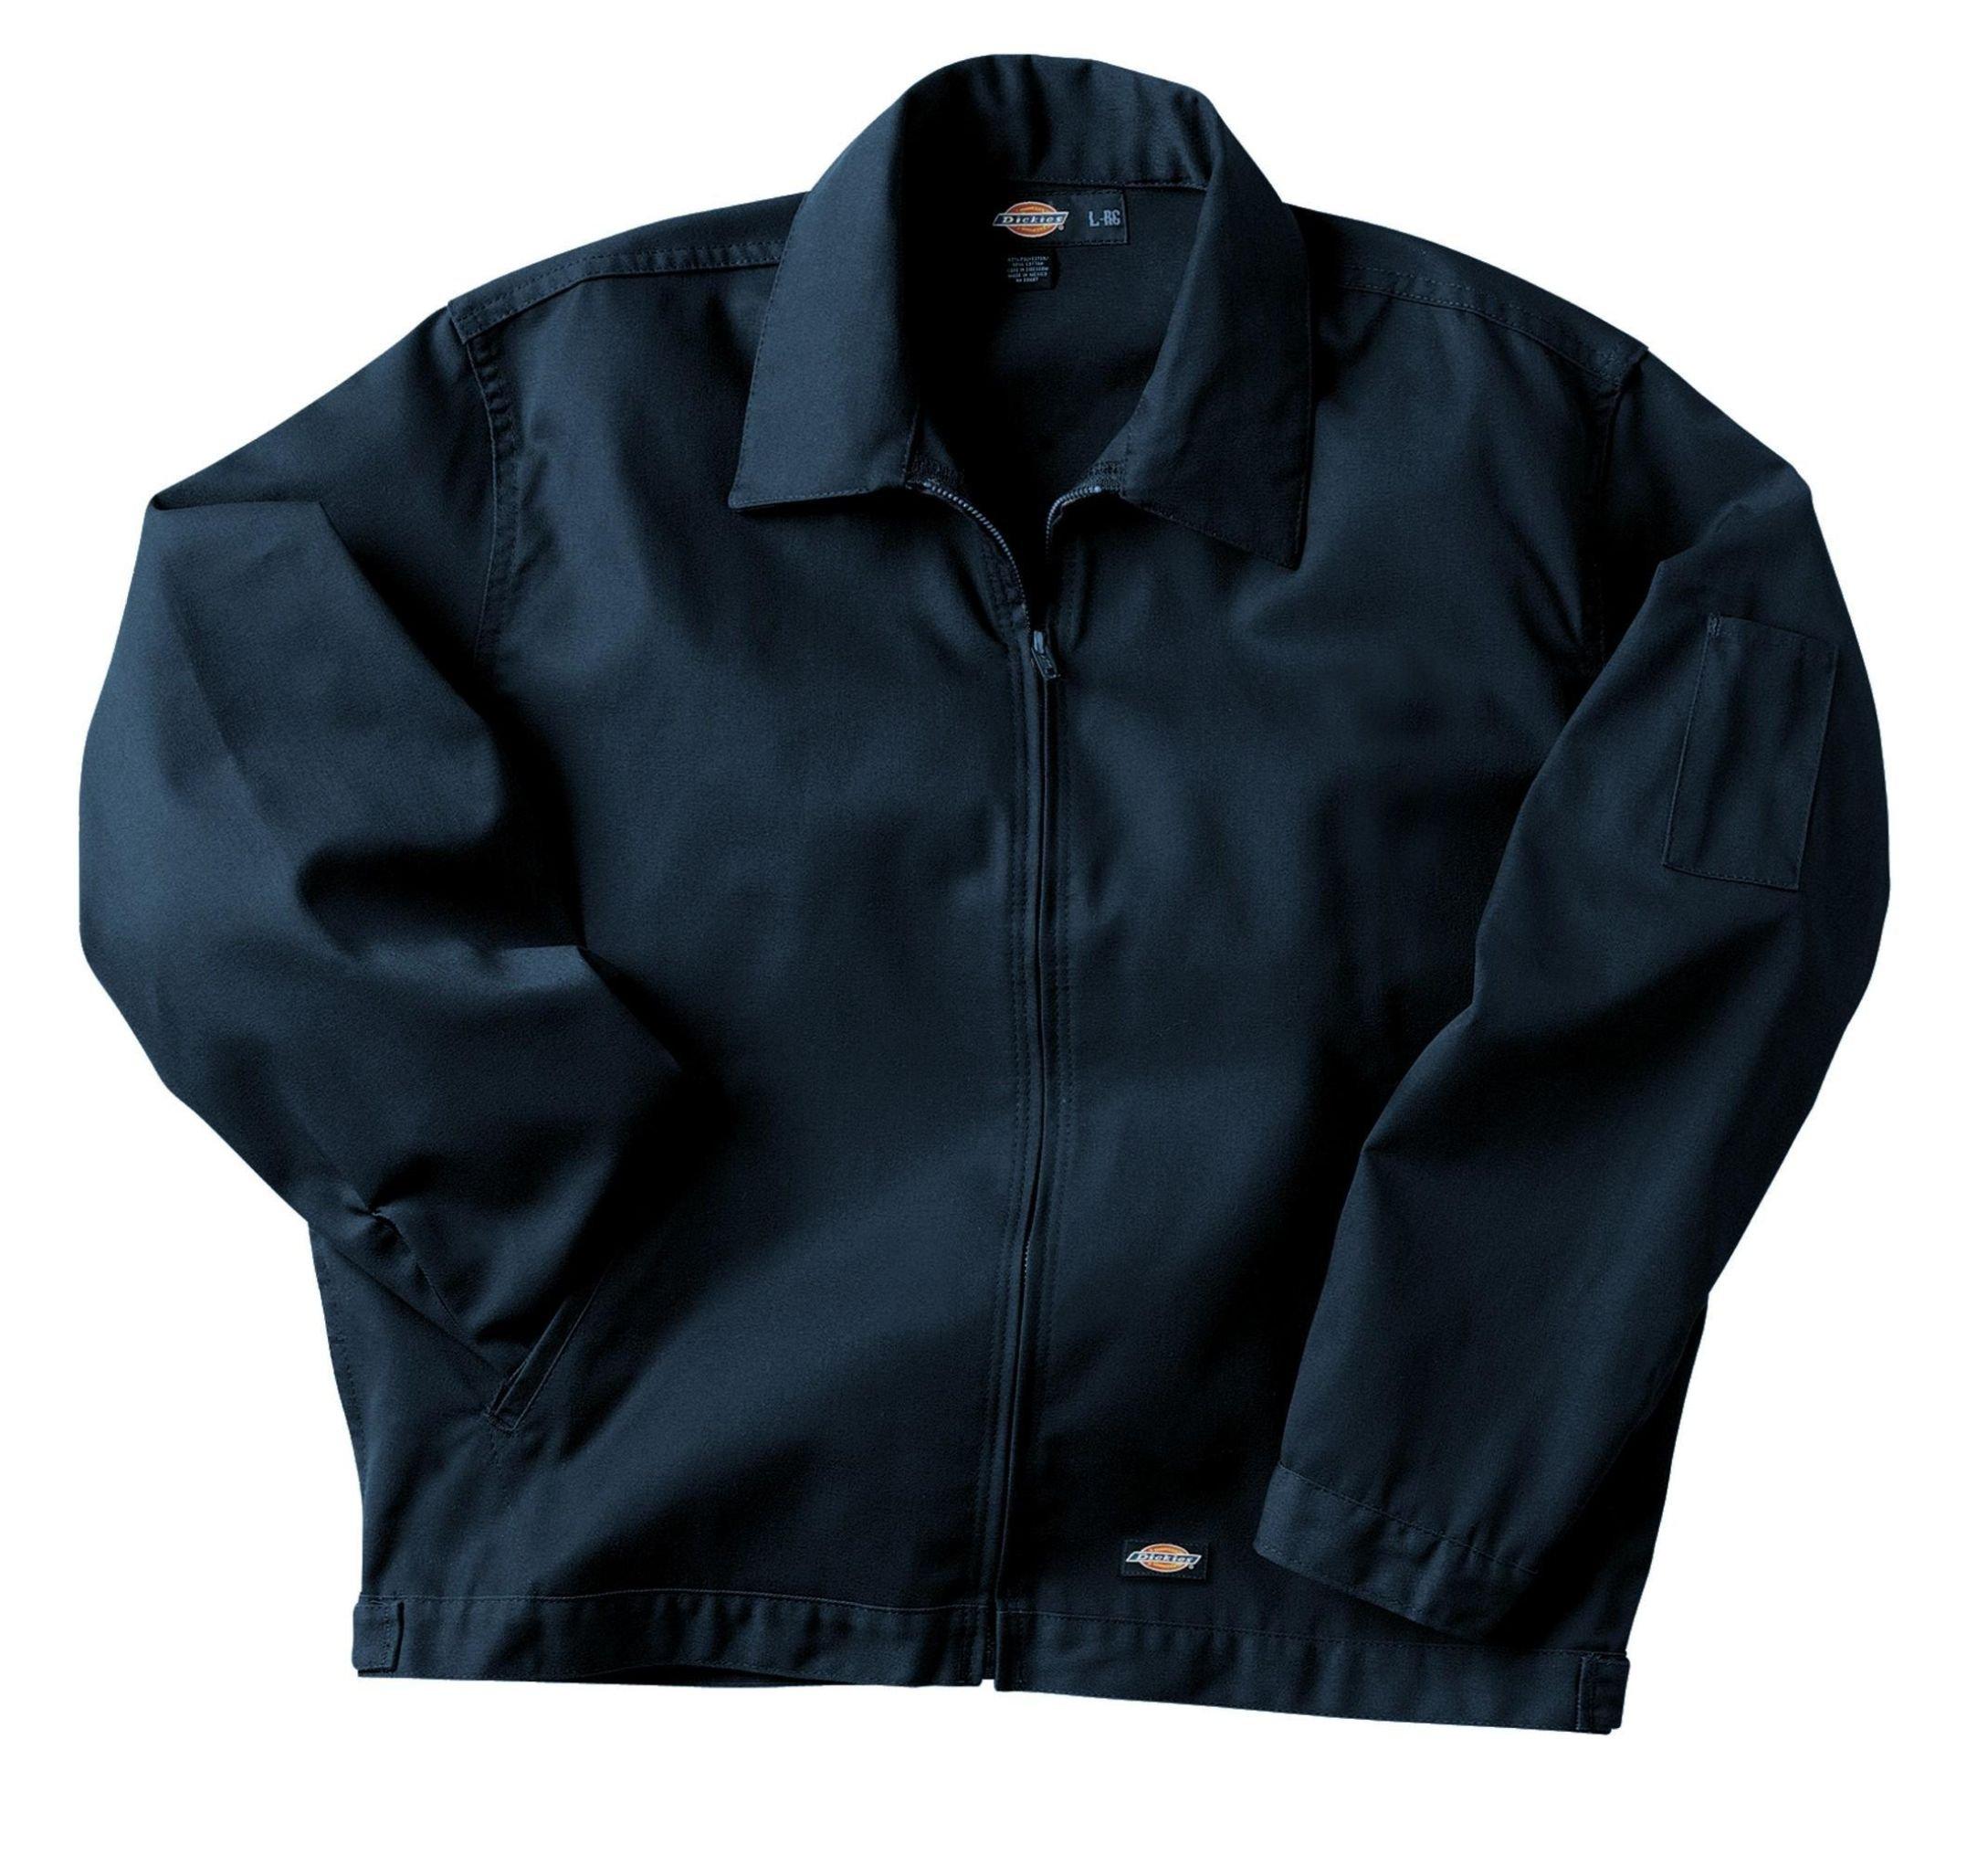 Dickies Men's Unlined Eisenhower Jacket, Dark Navy, Large/Regular by Dickies